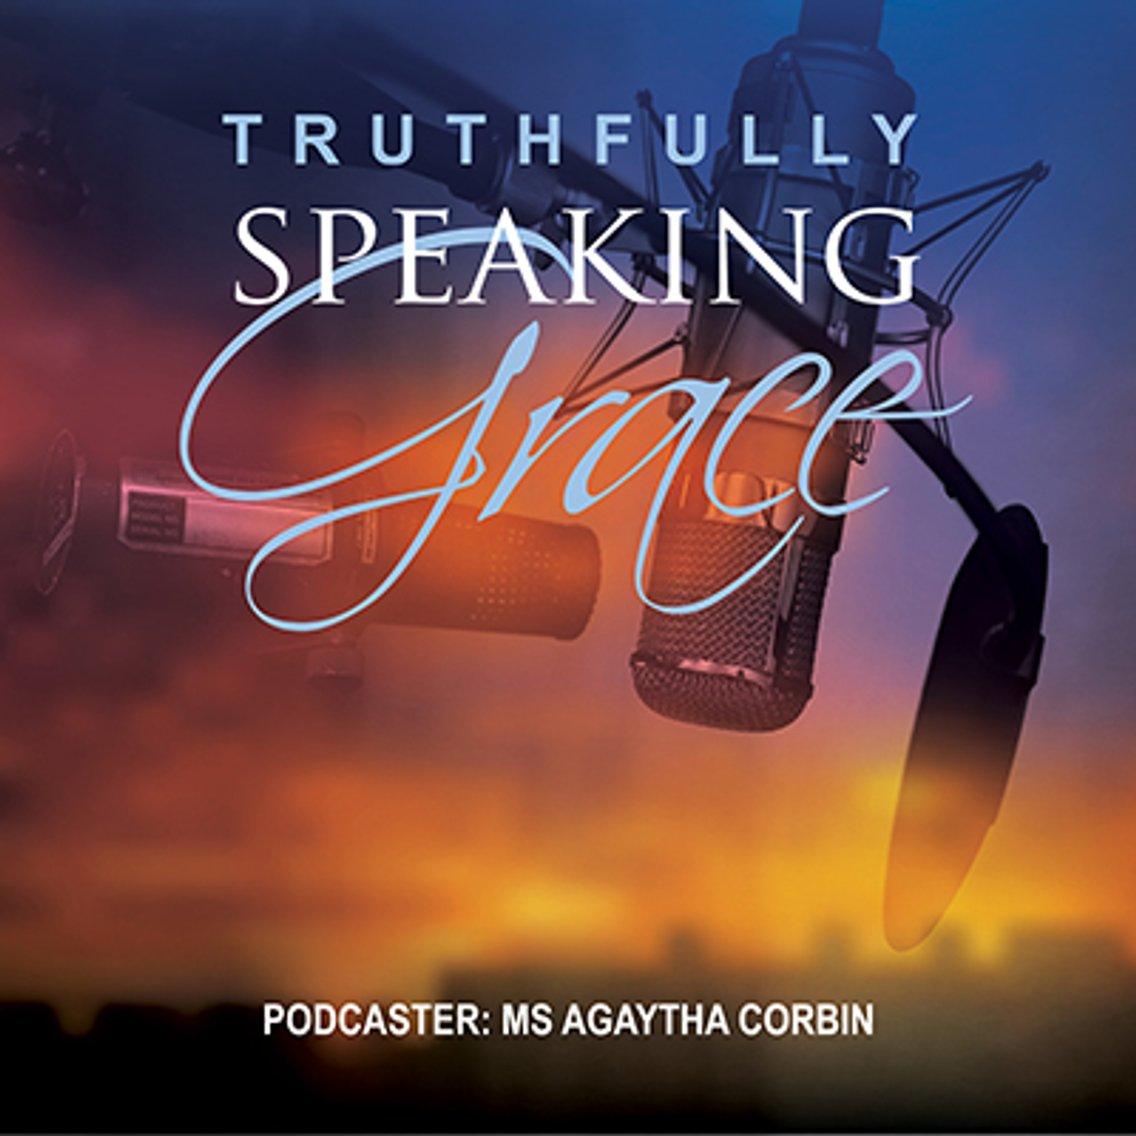 Truthfully Speaking Grace - immagine di copertina